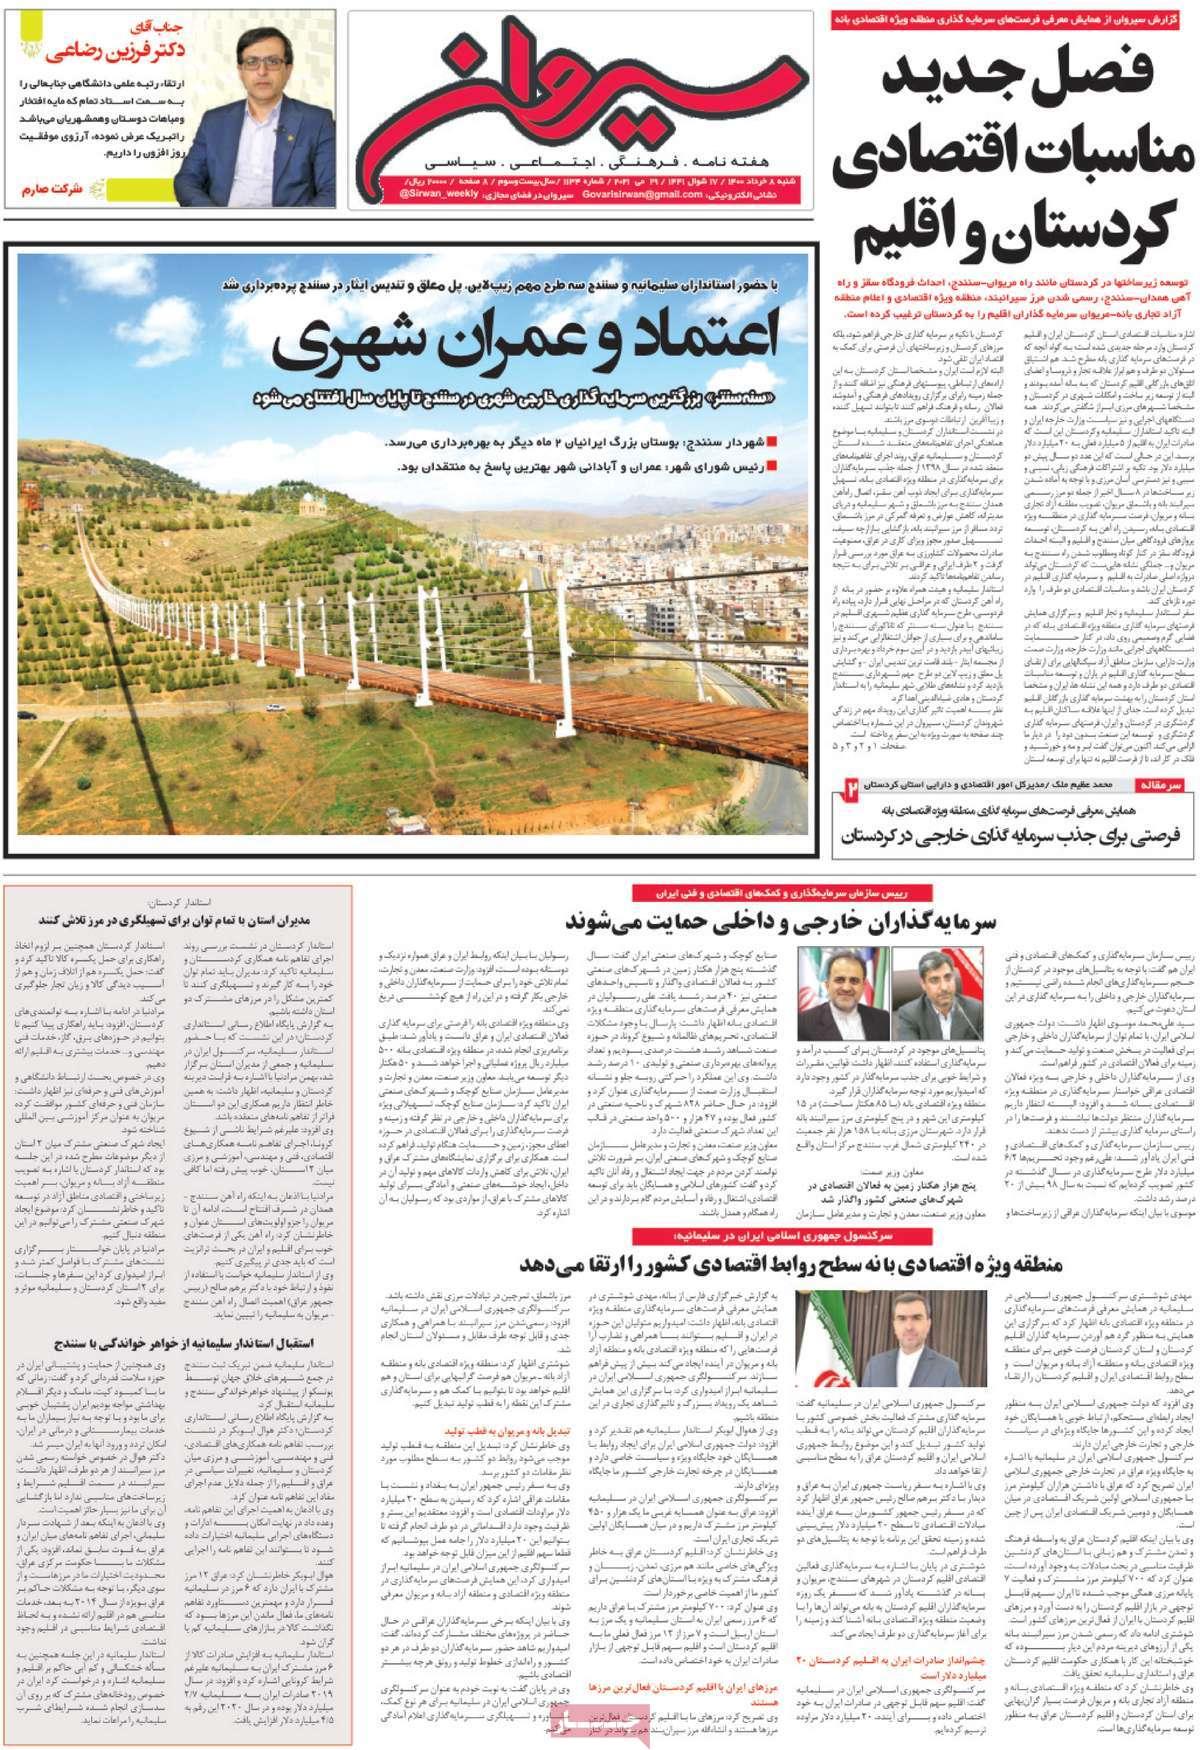 مجله سیروان